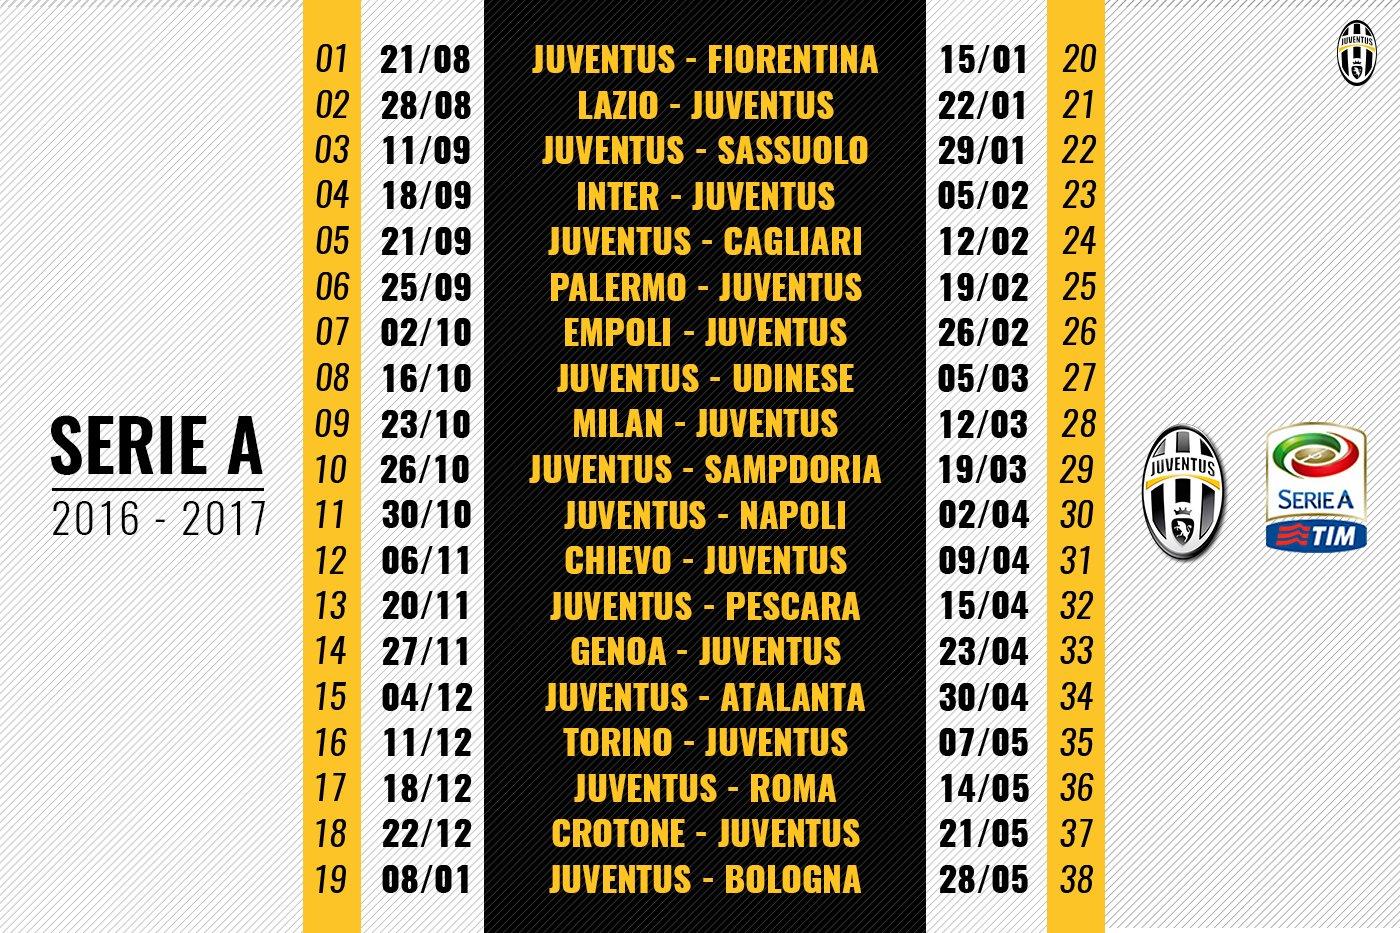 Meno di un mese al via della @SerieA_TIM 😃💪  Un'altra occhiata al calendario non guasta 👀.. #FinoAllaFine #ForzaJuve https://t.co/1evvyPeOL2